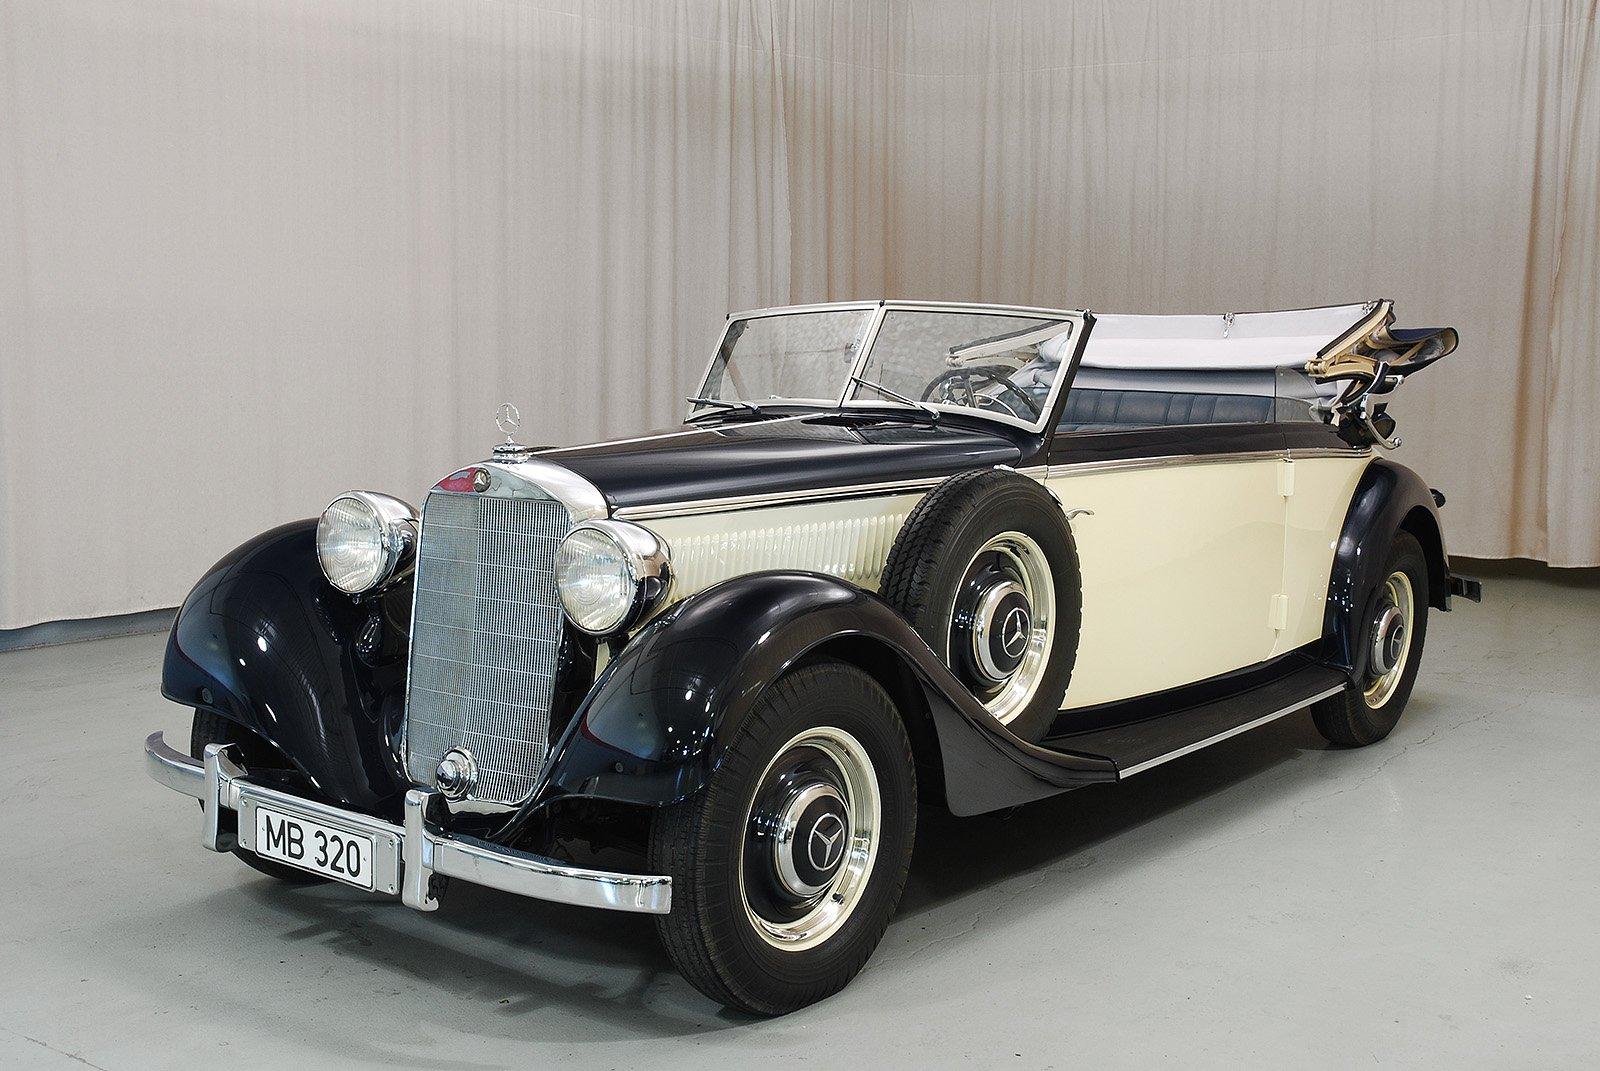 1938 mercedes benz 320 cabriolet b hyman ltd classic cars for Mercedes benz service b specials